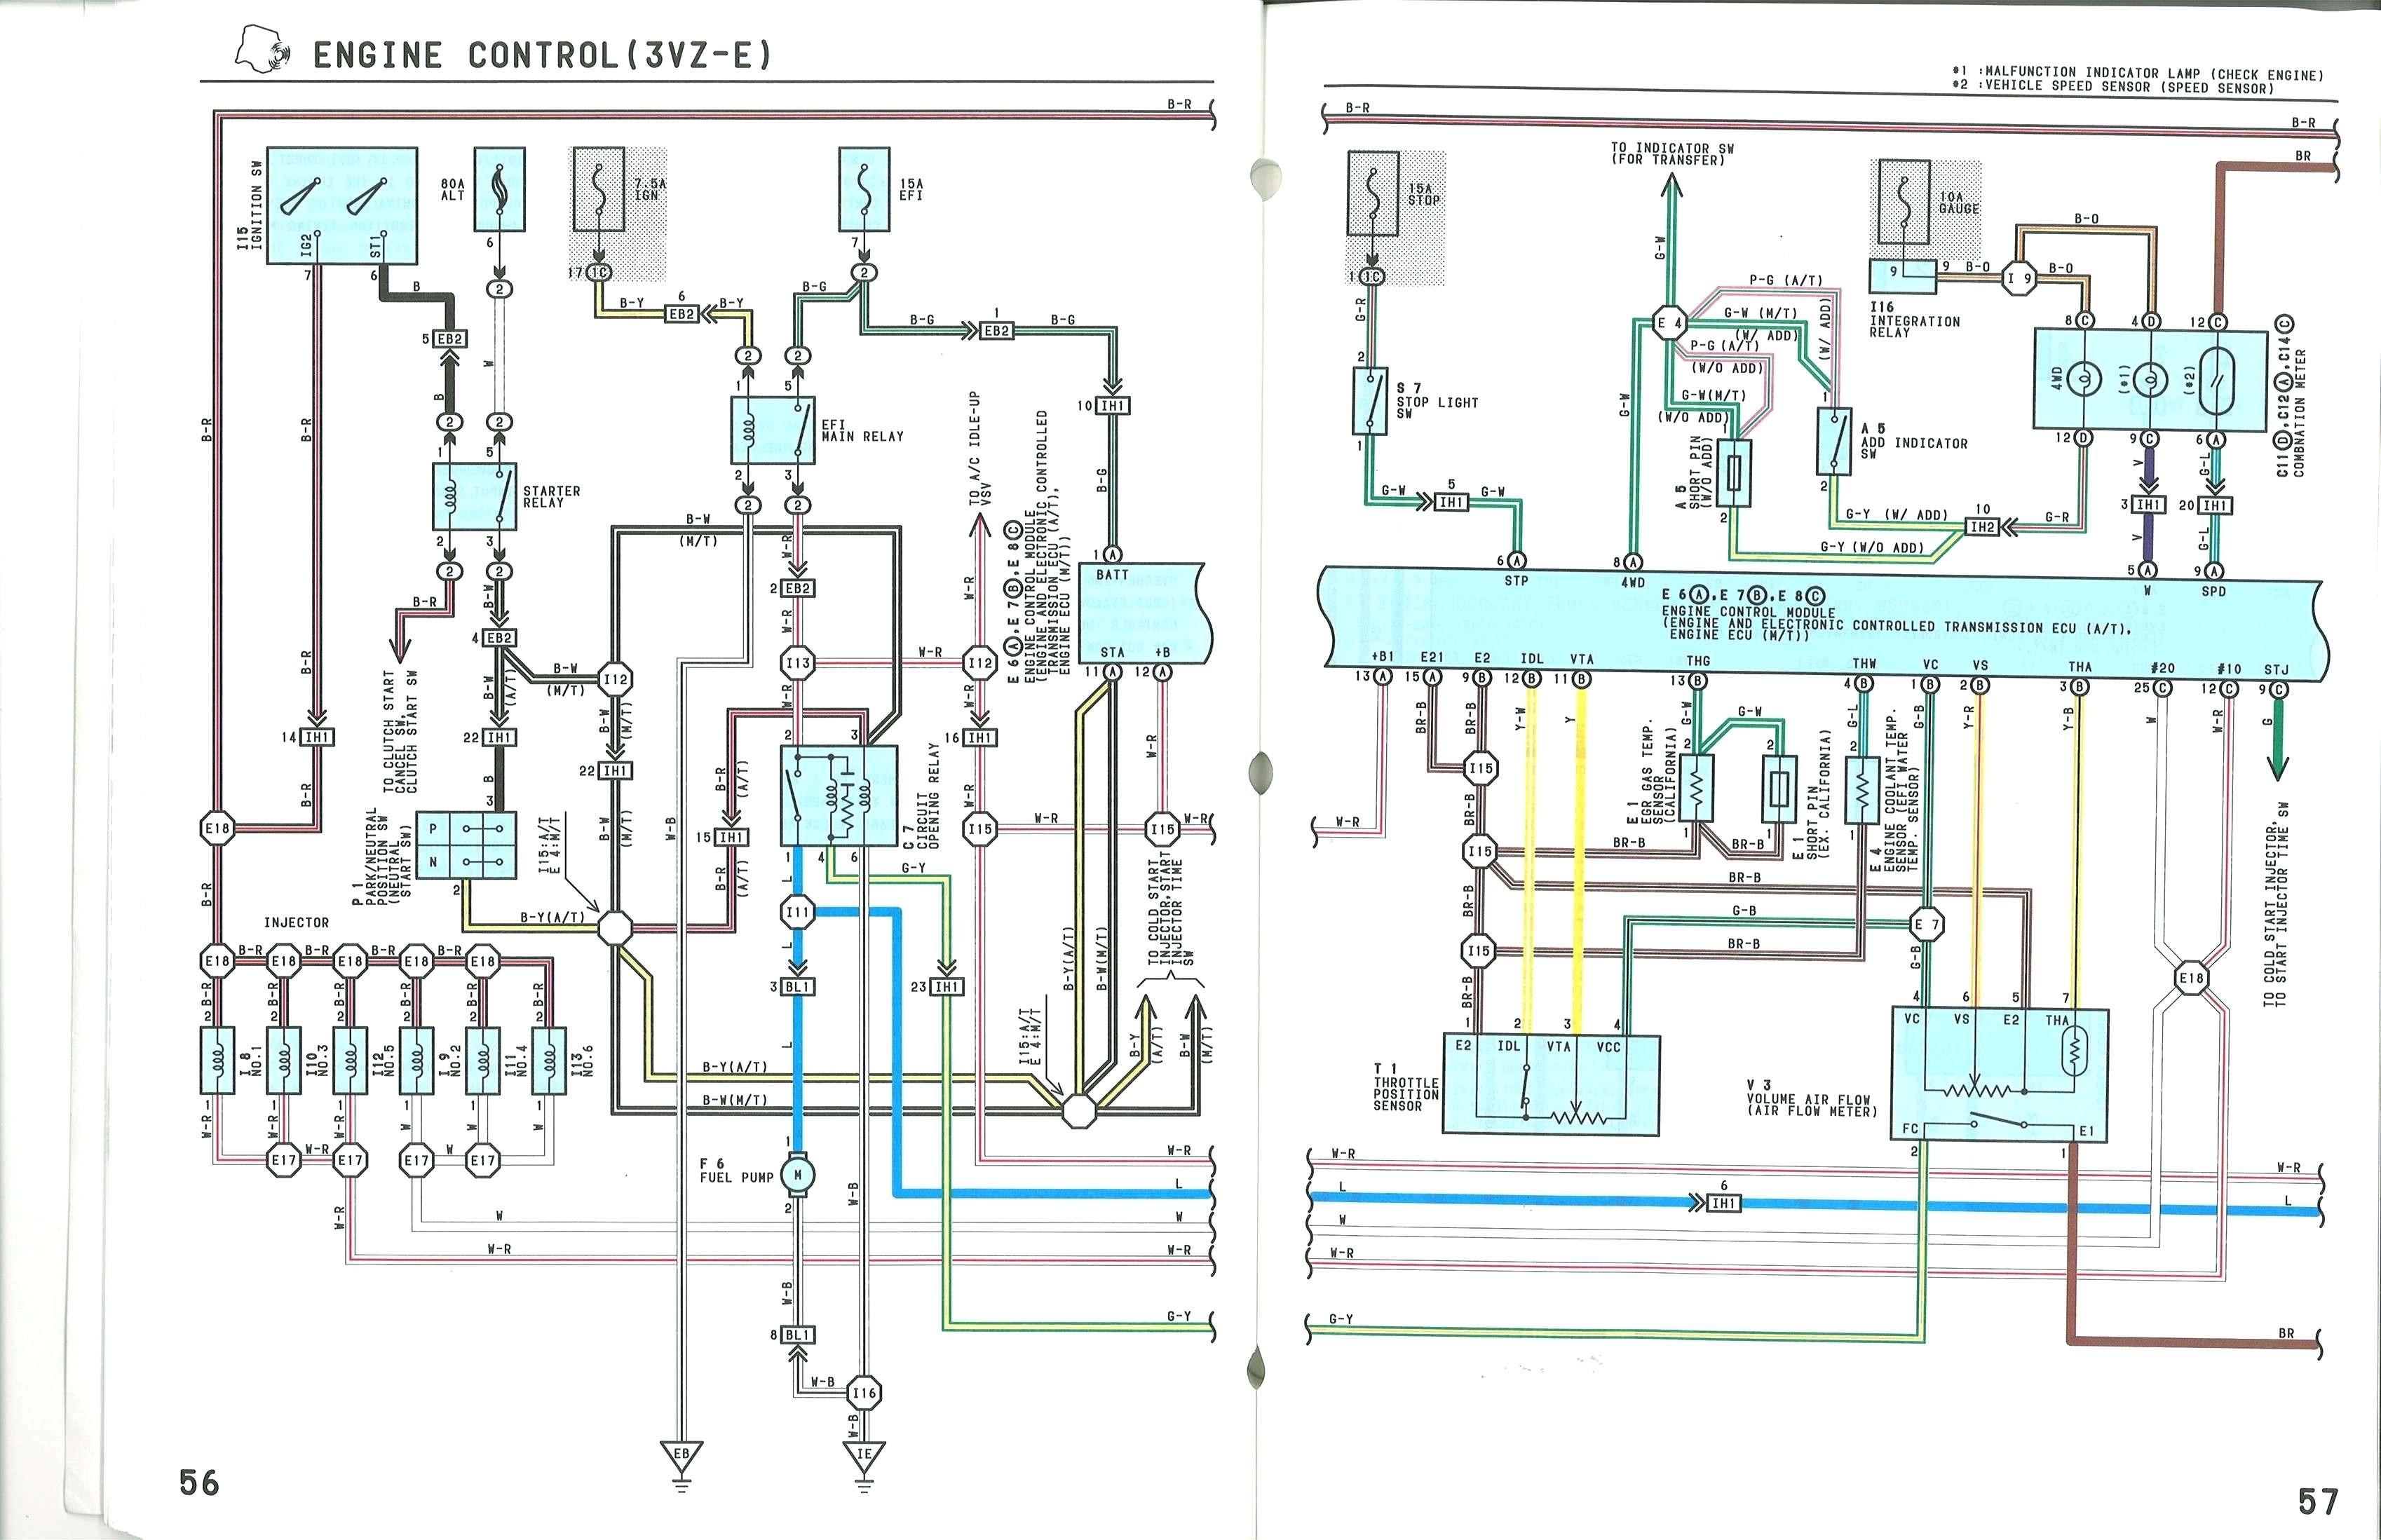 22re air flow meter wiring diagram